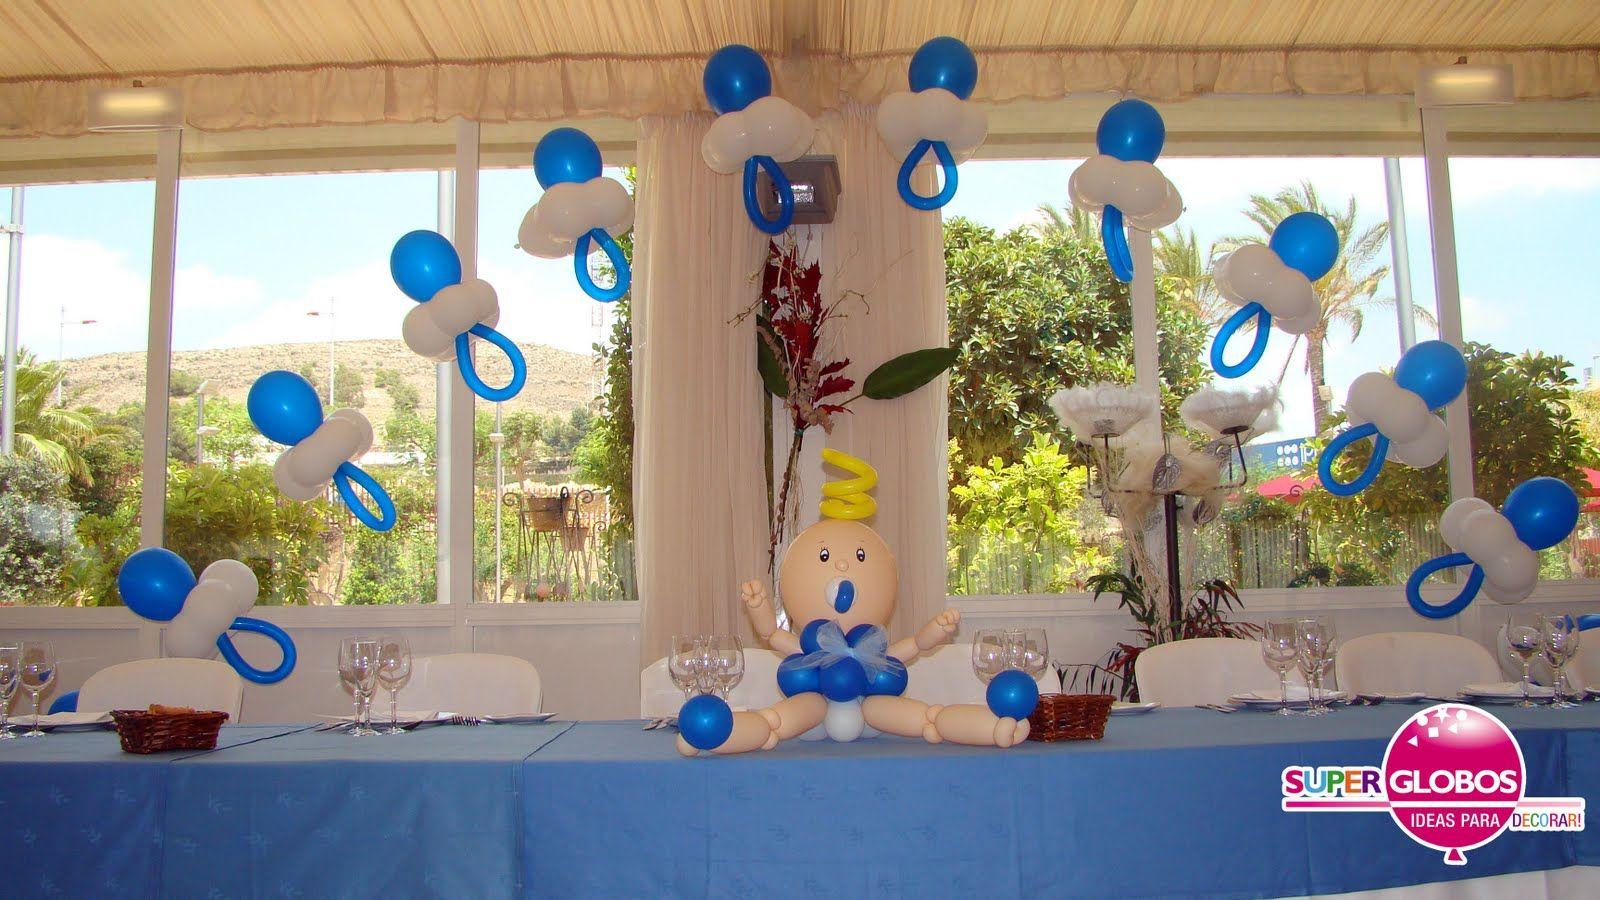 Decoraci n con globos para bautizo de ni a imagui - Decoracion de globos ...